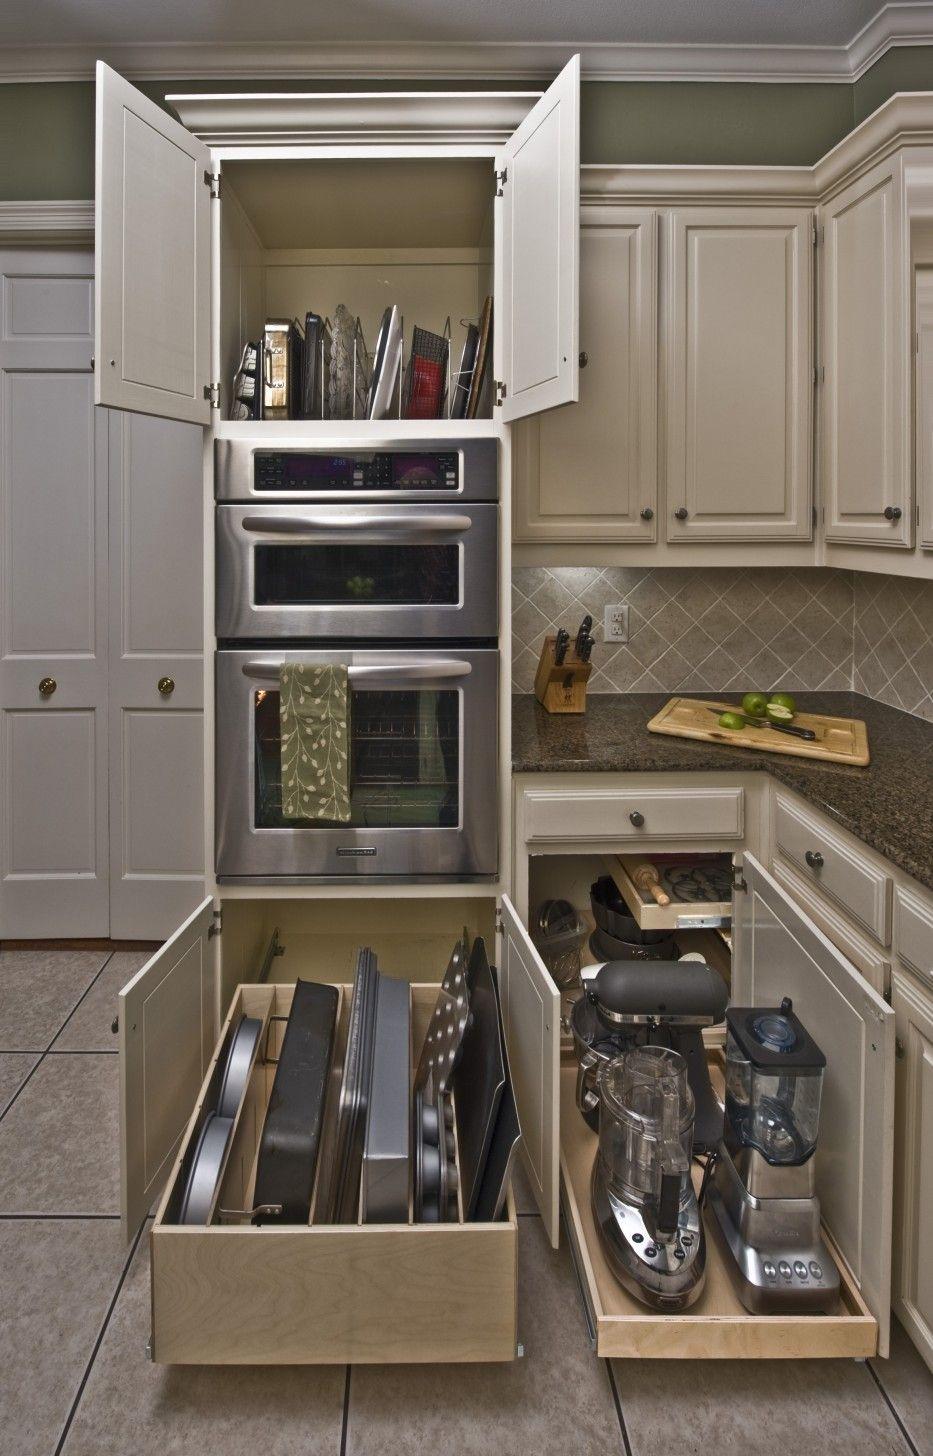 Best Kitchen Storage Cabinet Glide Out Shelves Storage 400 x 300